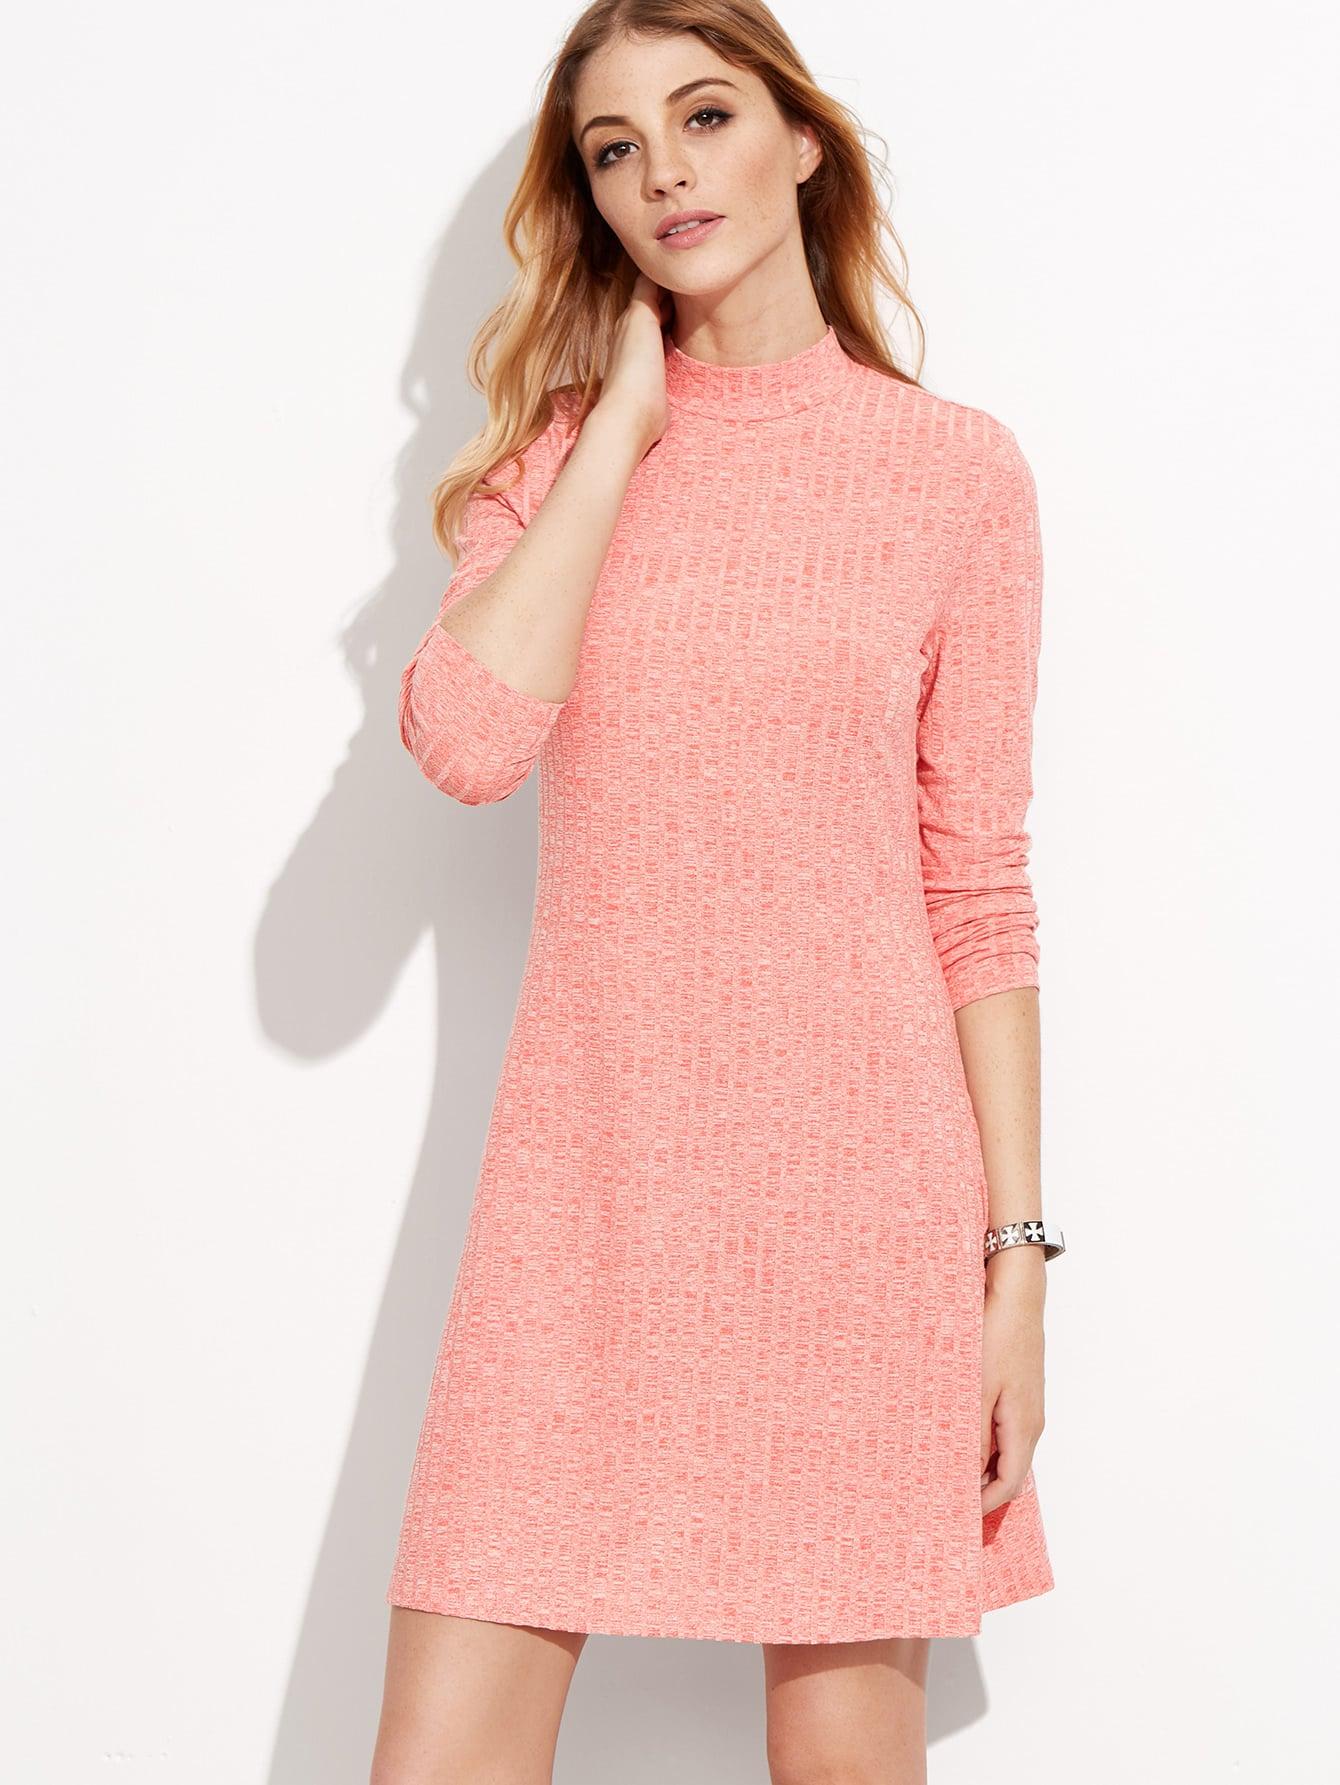 Ribbed Funnel Neck Short Dress dress160915705